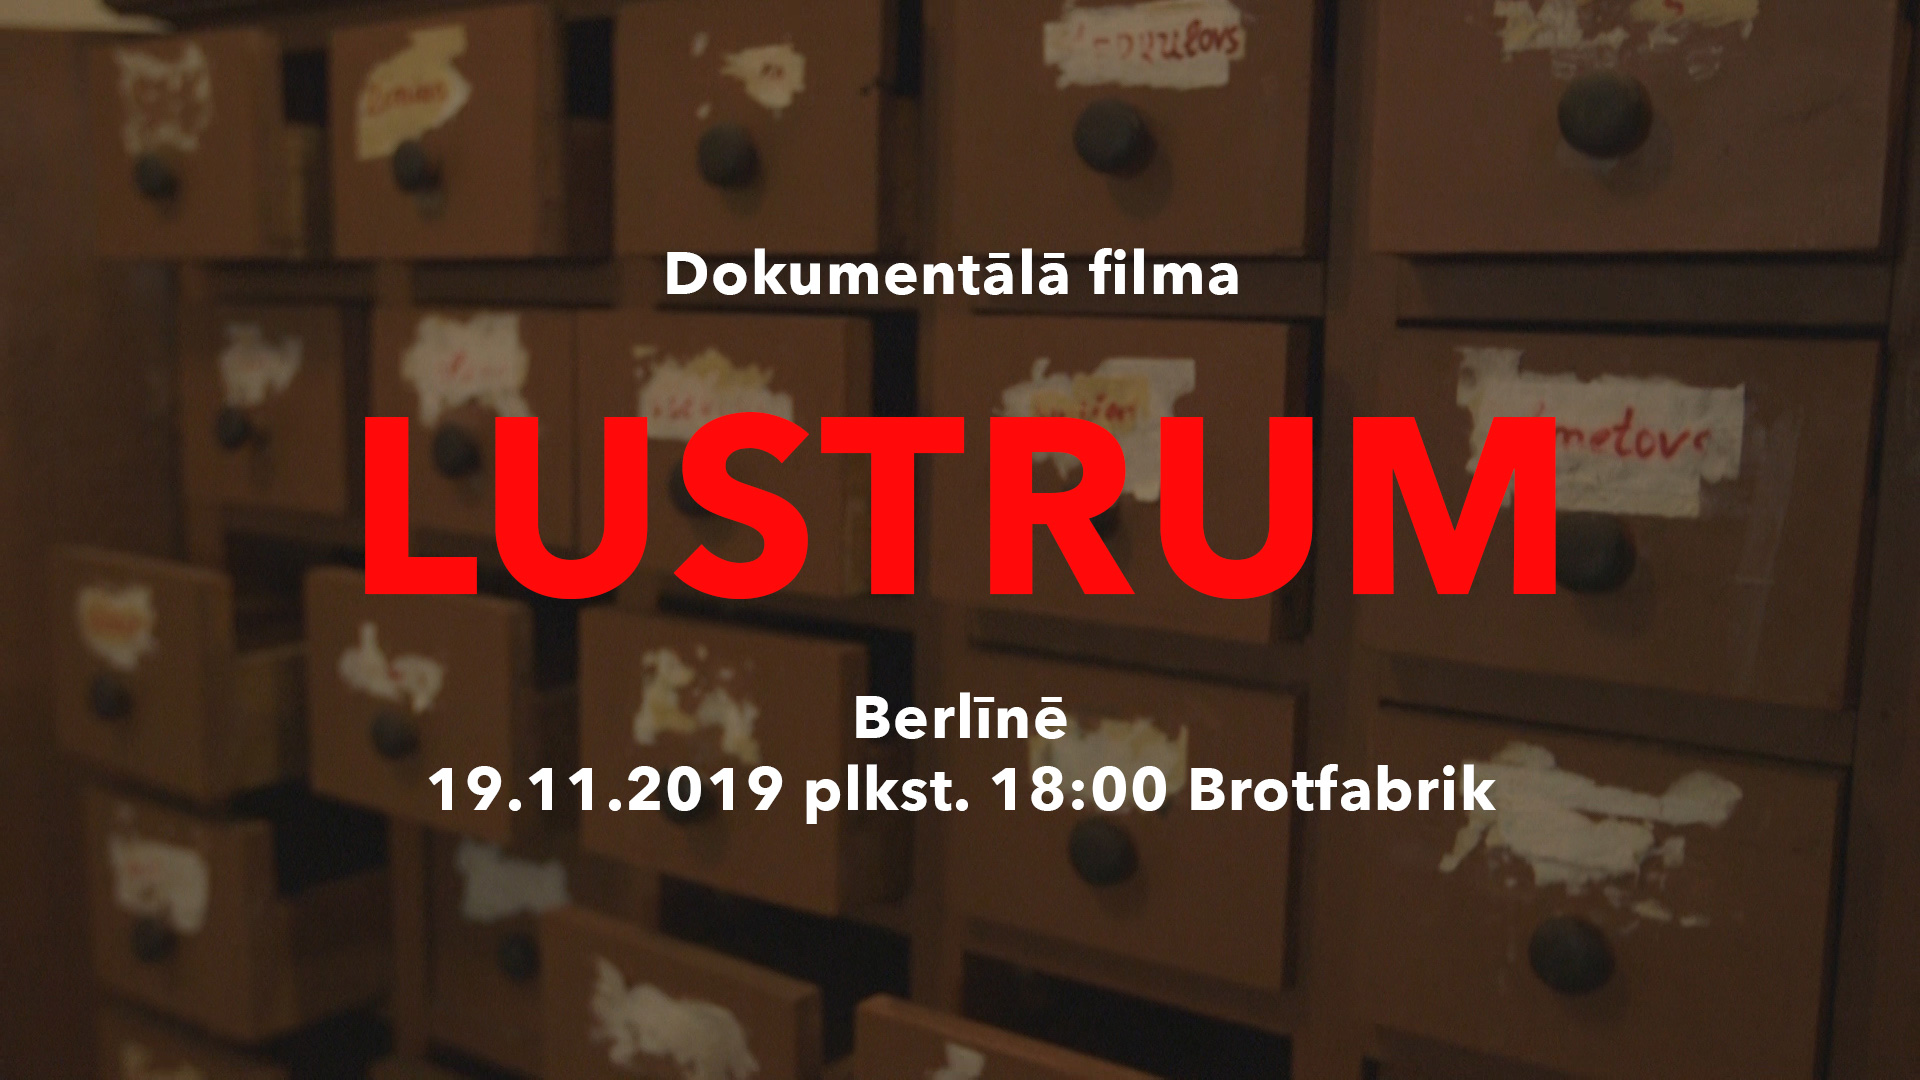 Dokumentālā Filma LUSTRUM Berlīnē – 19. Novembrī 2019